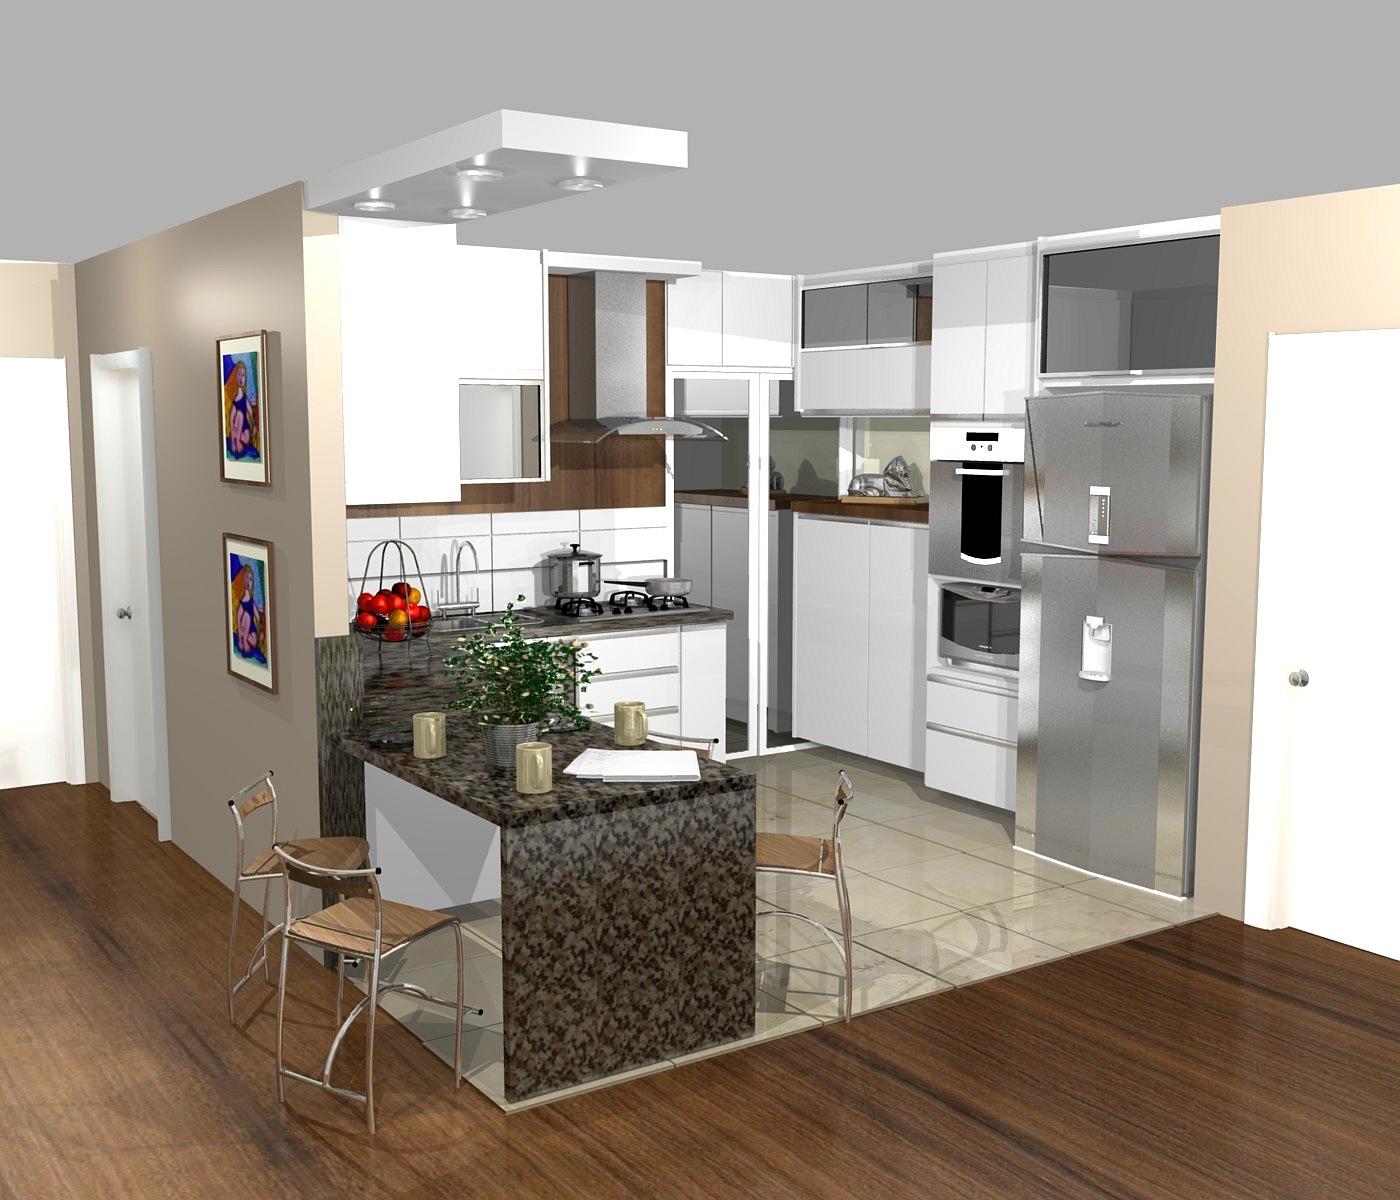 cozinha planejadas pequenas decorada americana